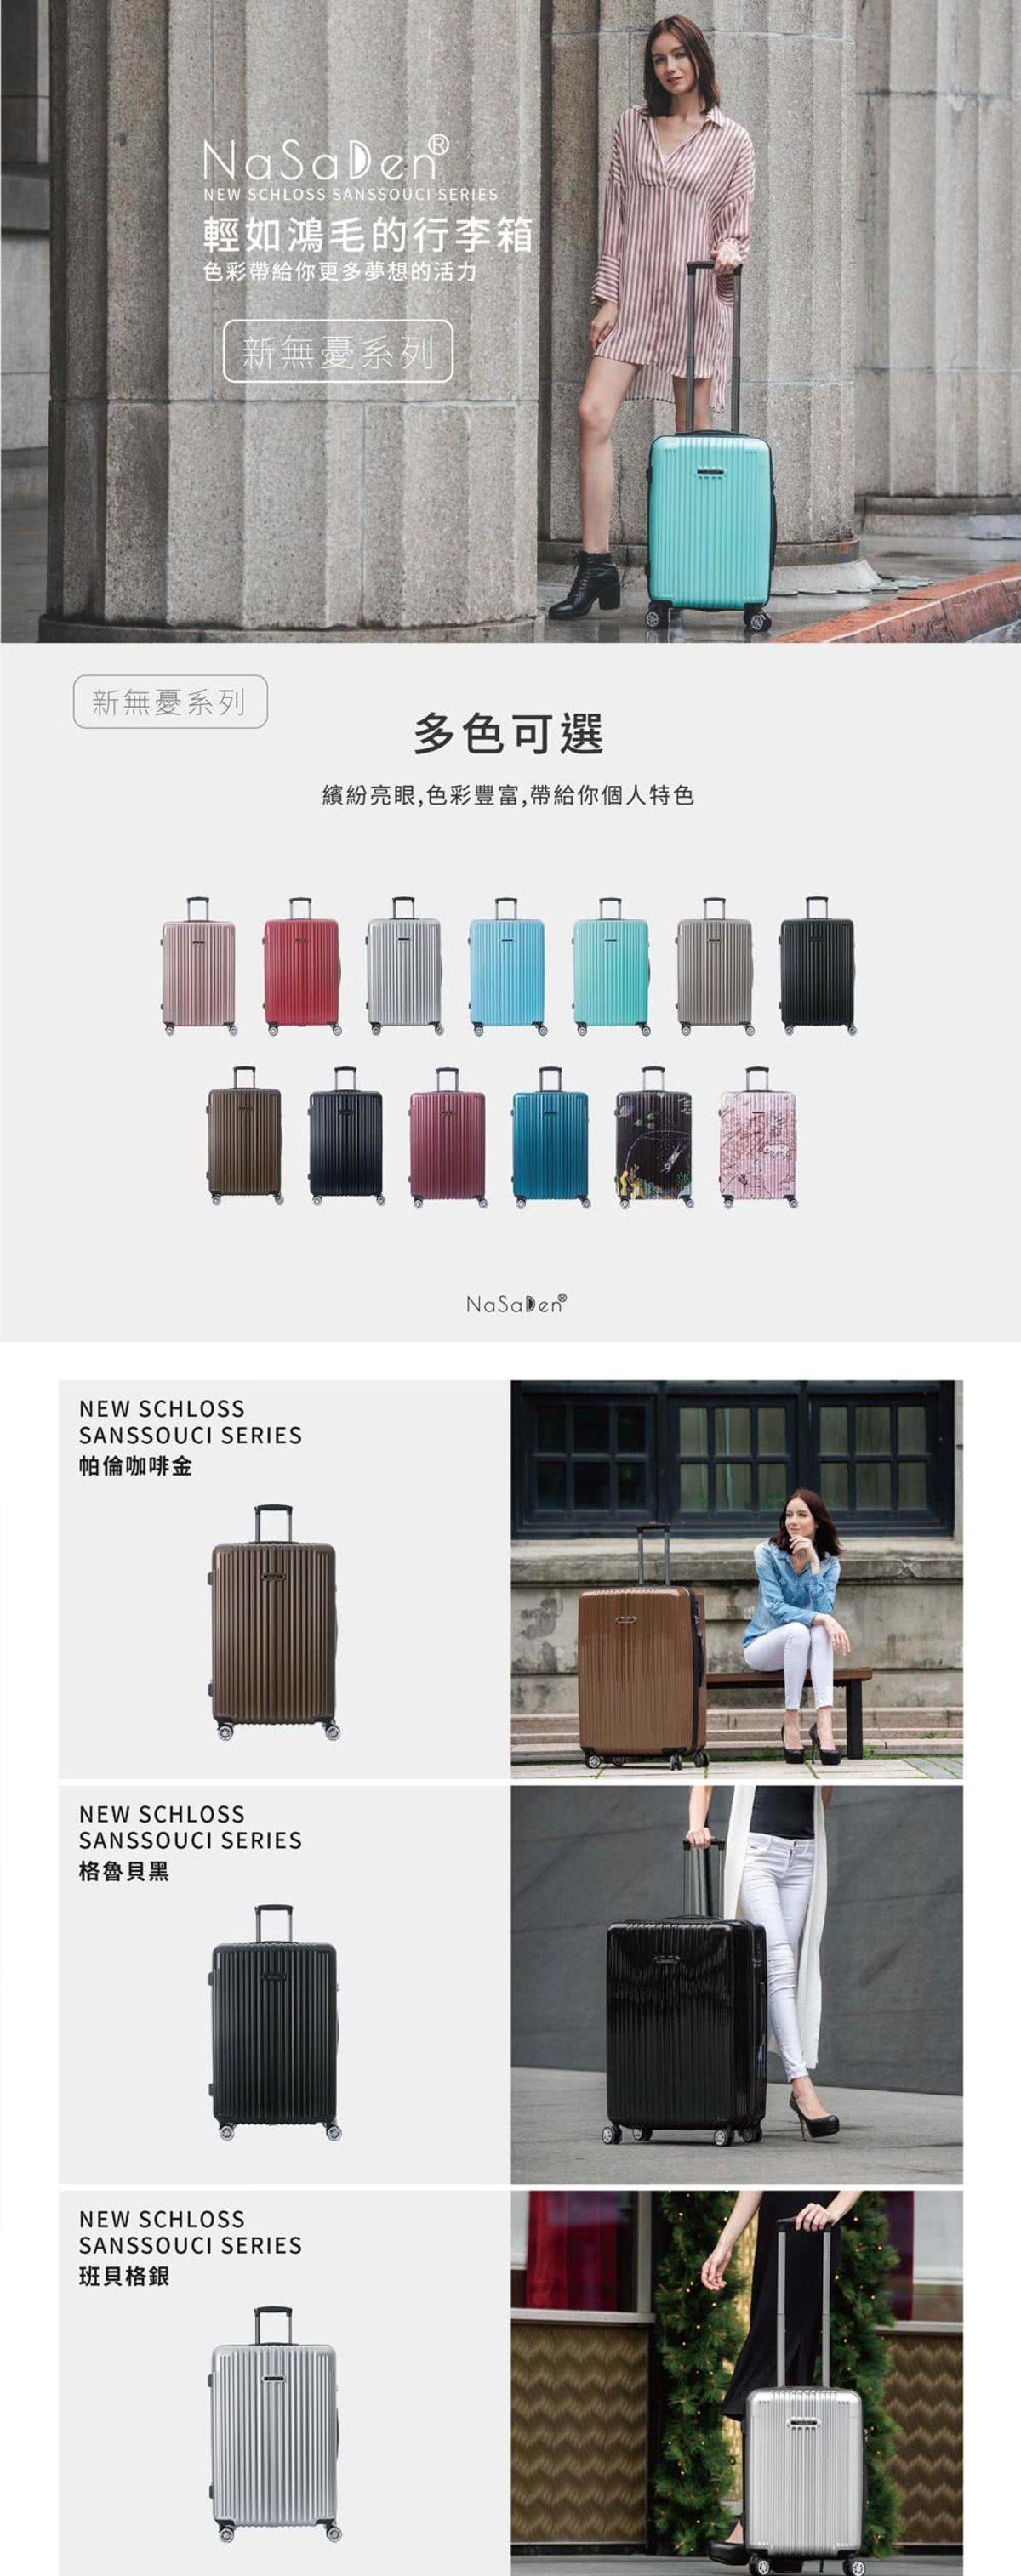 【26吋】德國NaSaDen納莎登新無憂系列輕量拉鍊行李箱